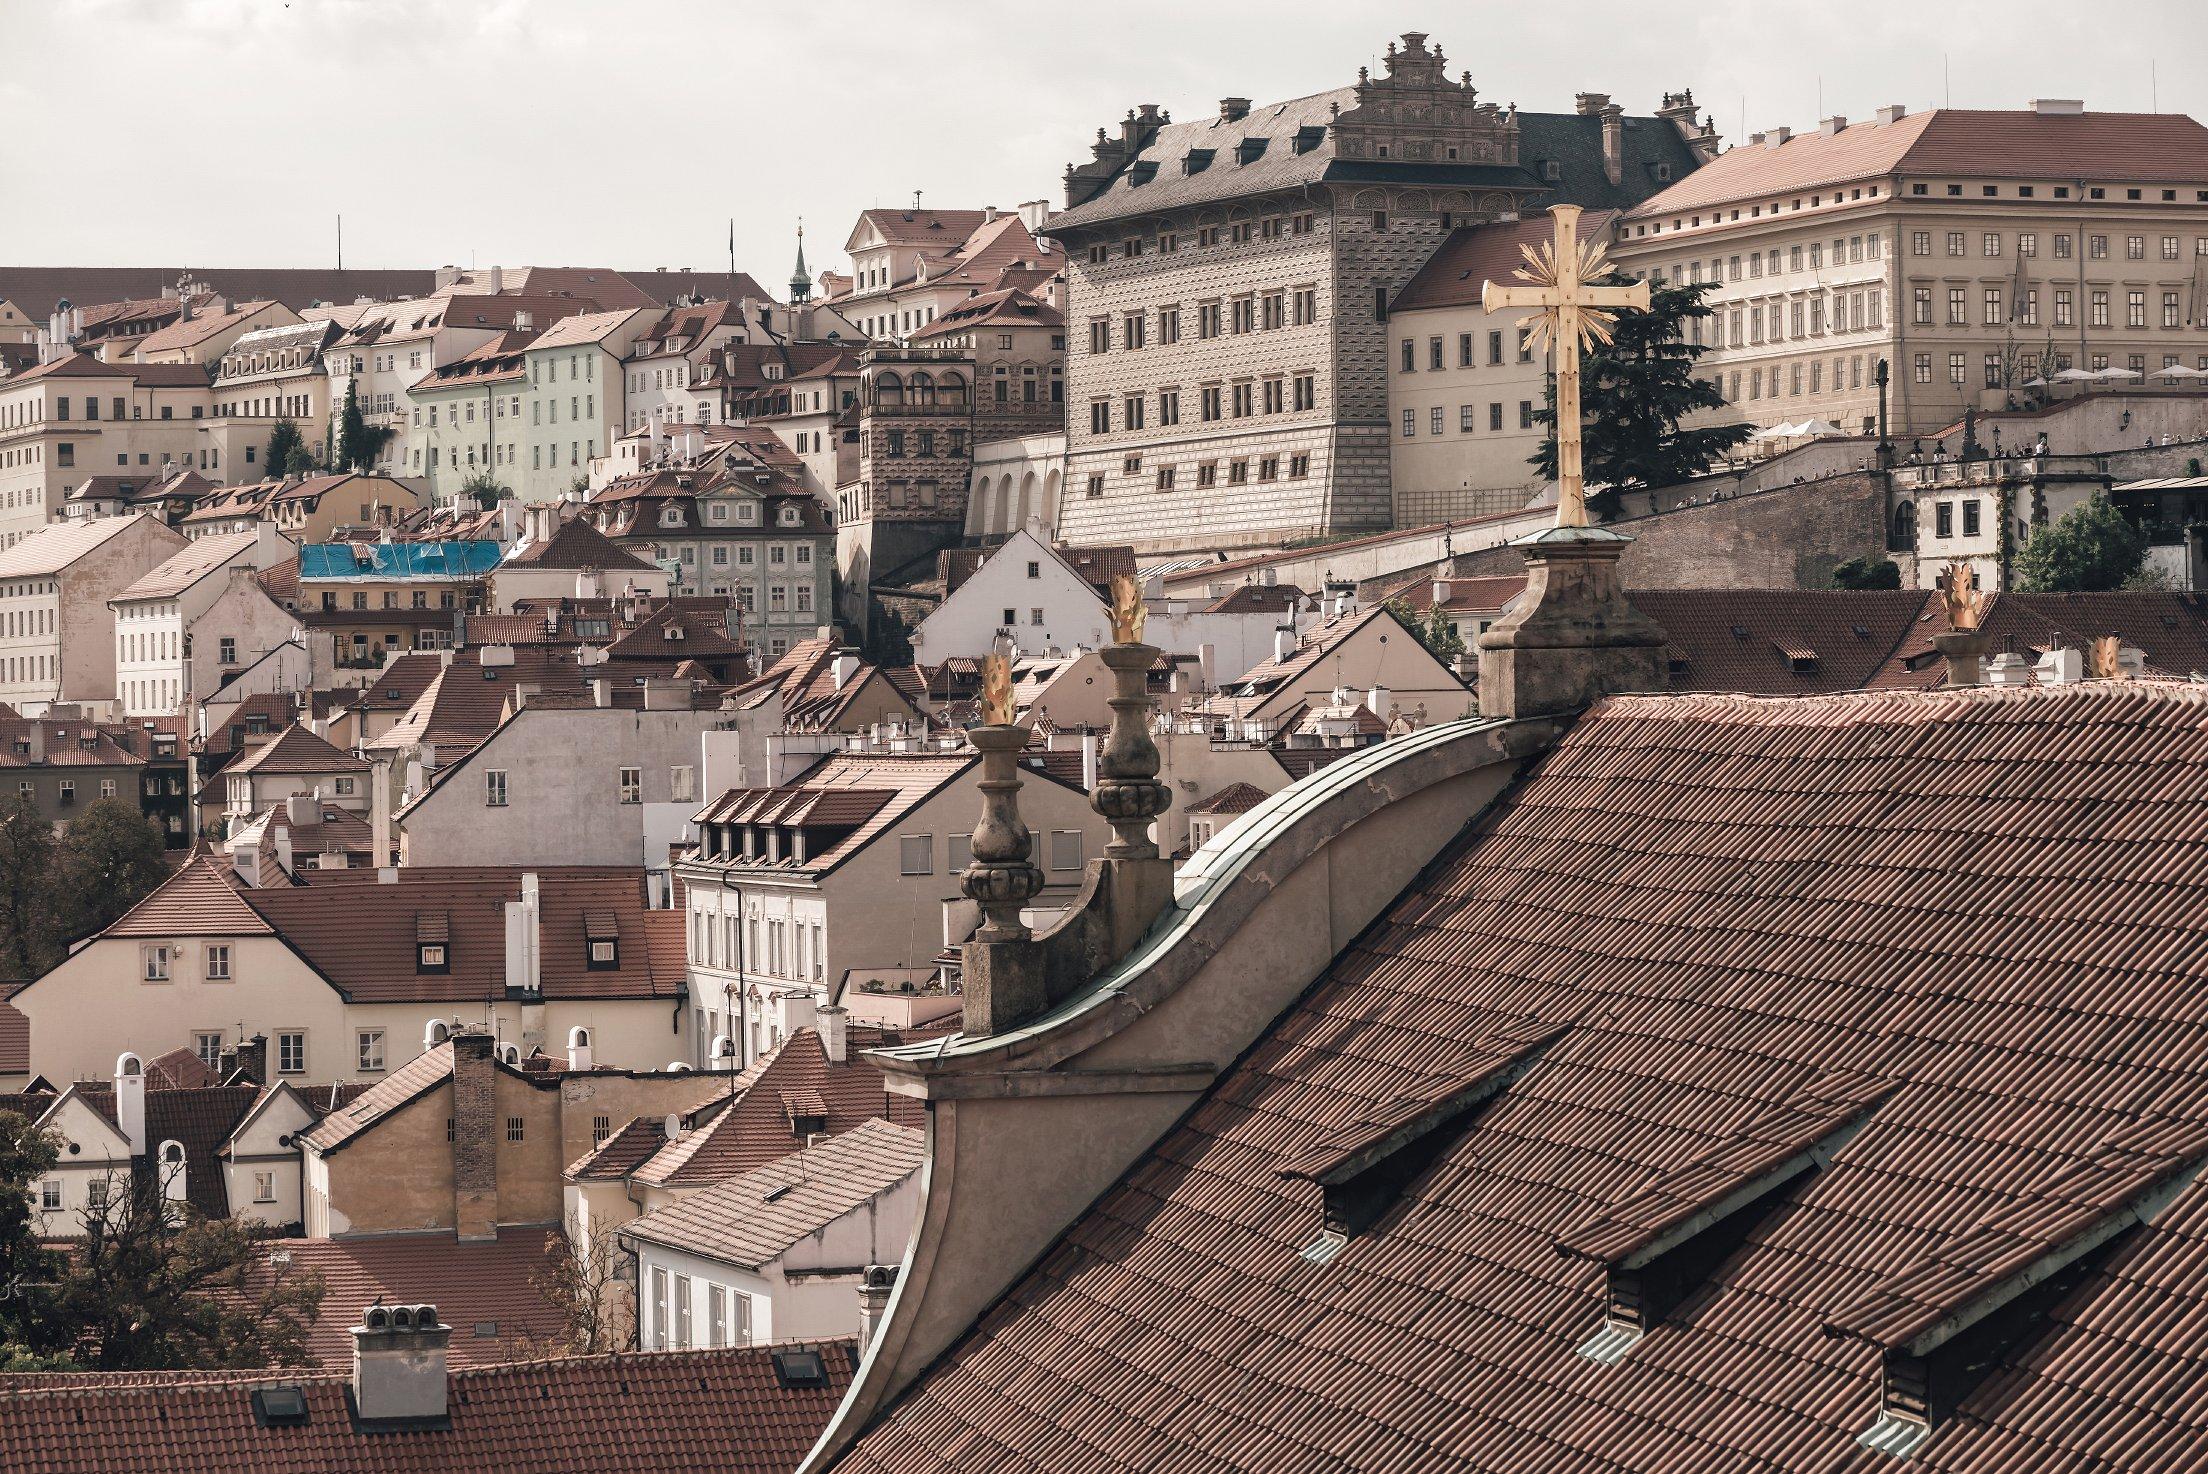 布拉格屋顶和城市景观 Prague Rooftops Cityscape插图(4)